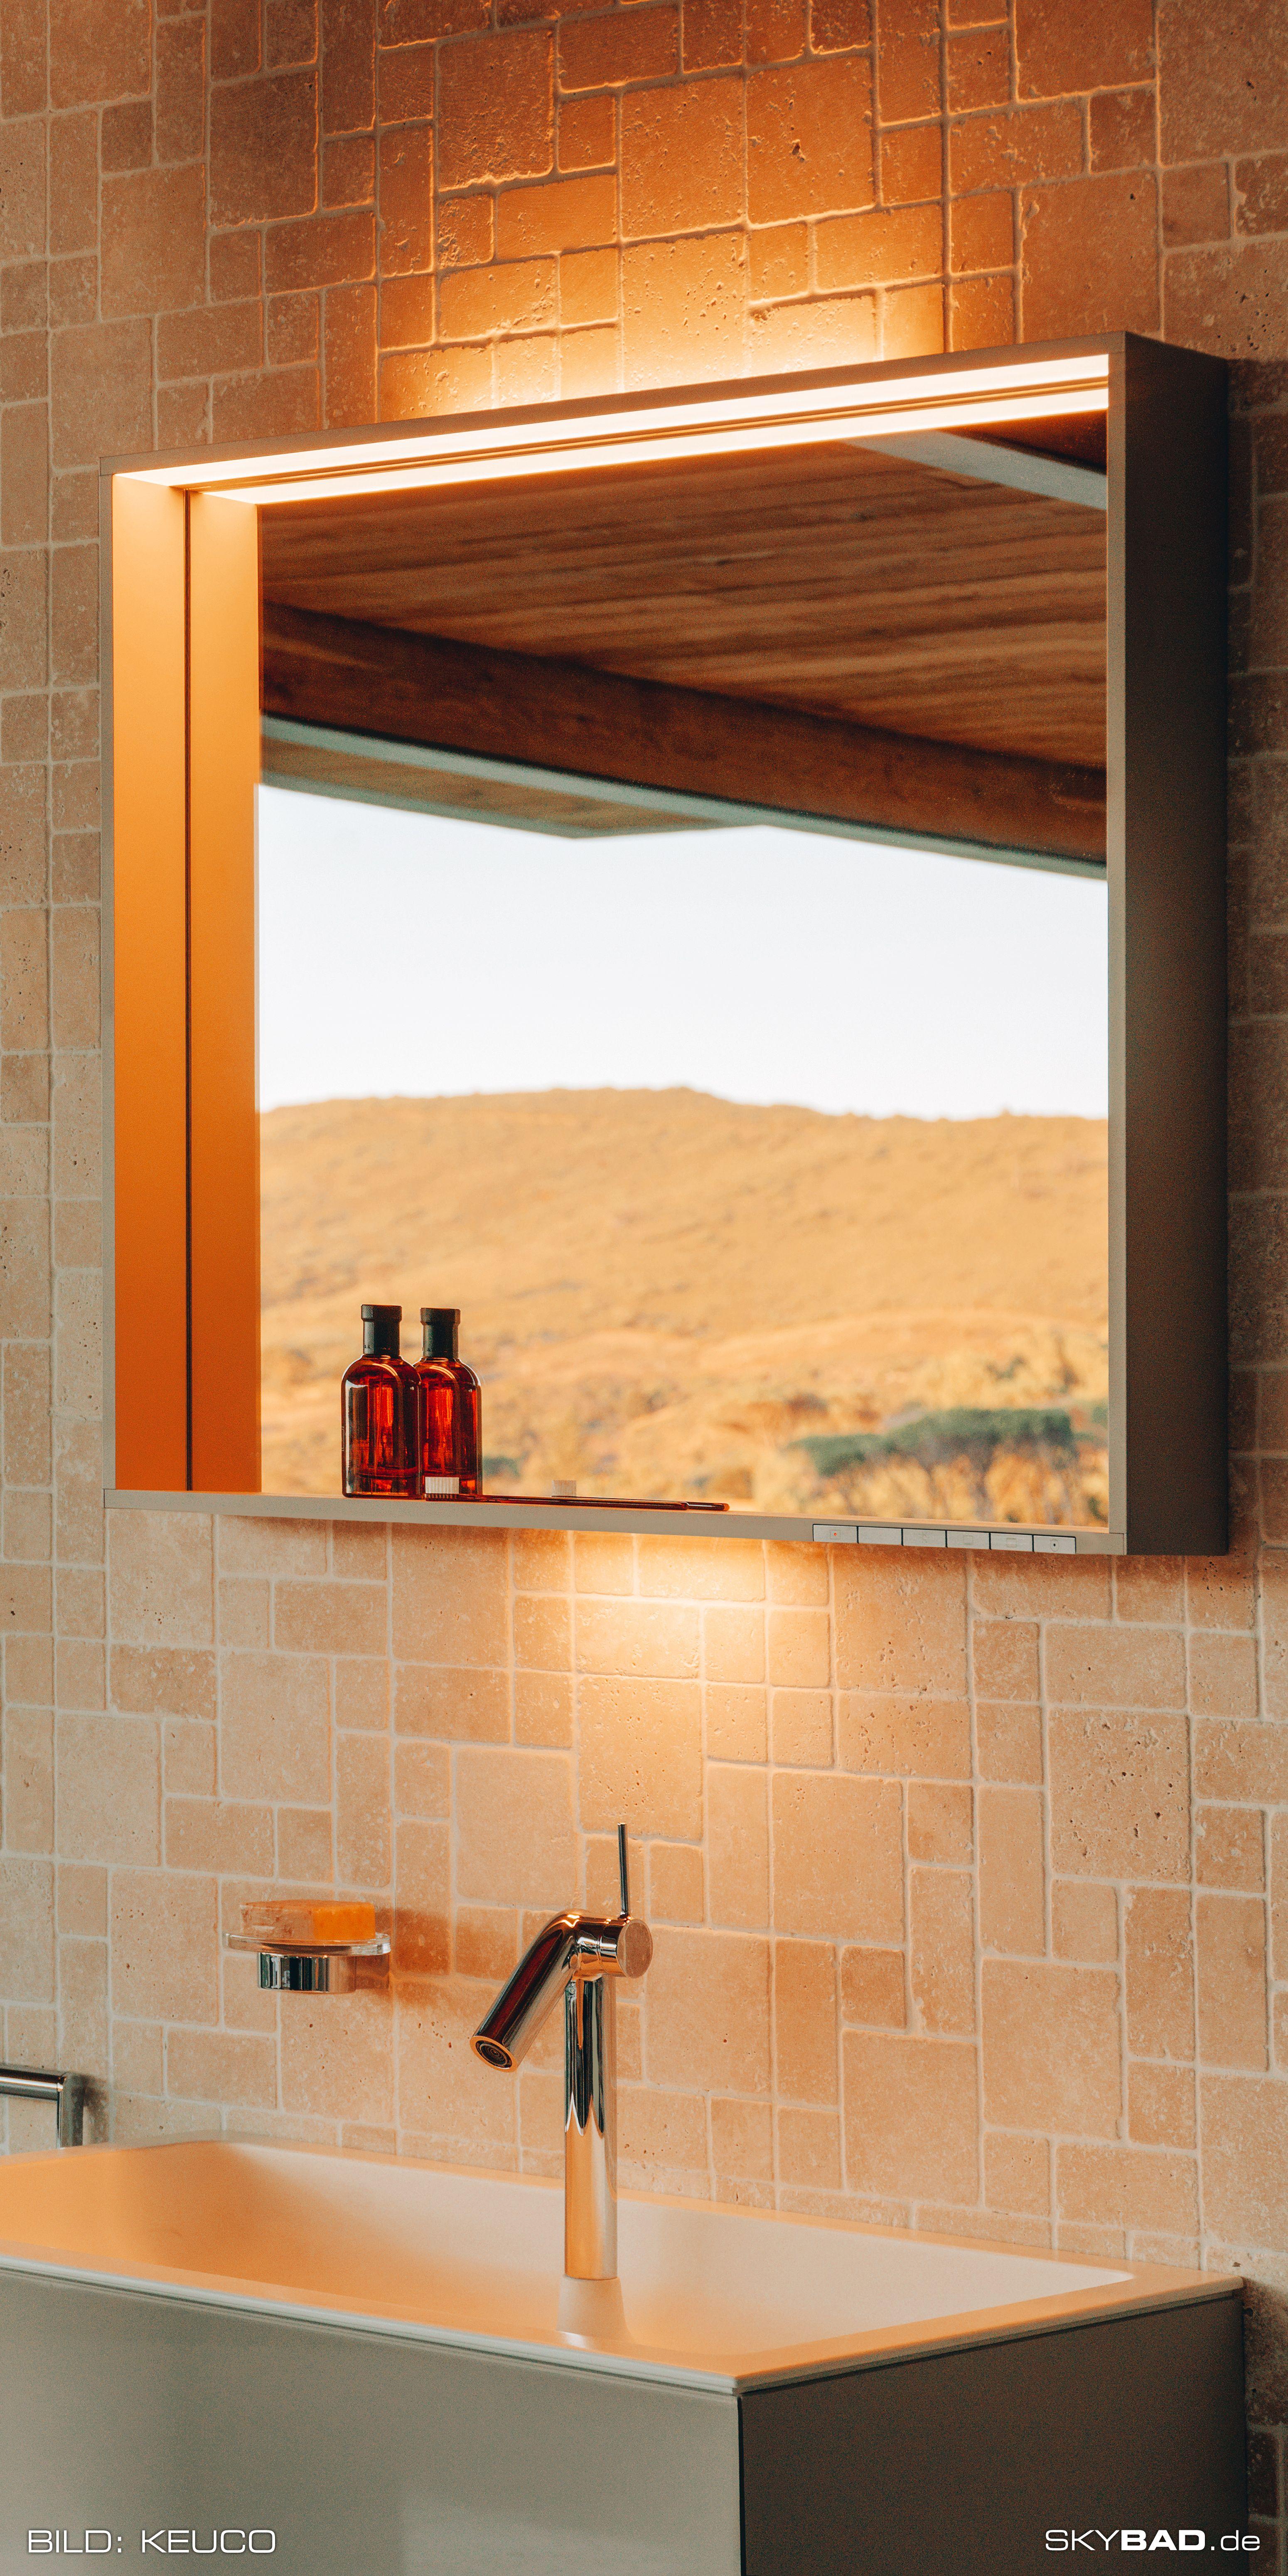 Moderner Beleuchteter Badezimmer Spiegel Mit Ablage Skybad De In 2020 Lichtspiegel Badezimmer Rustikal Moderne Hausentwurfe